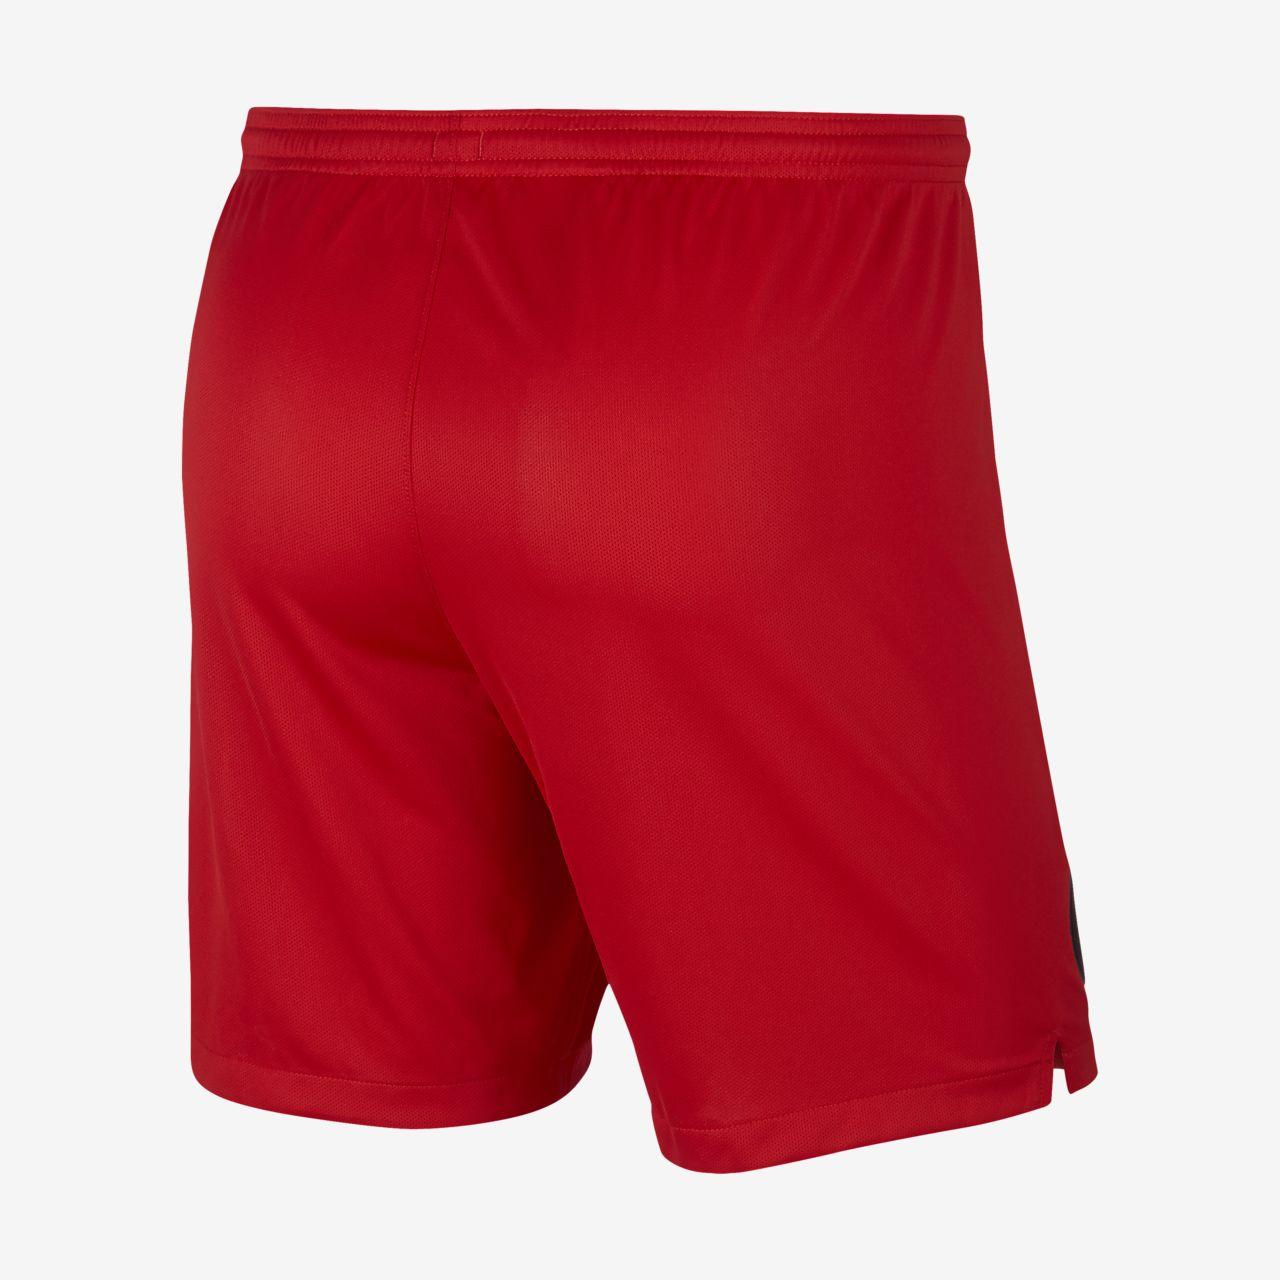 4981fd82fabb80 2018 19 Paris Saint-Germain Stadium Goalkeeper Men s Football Shorts ...